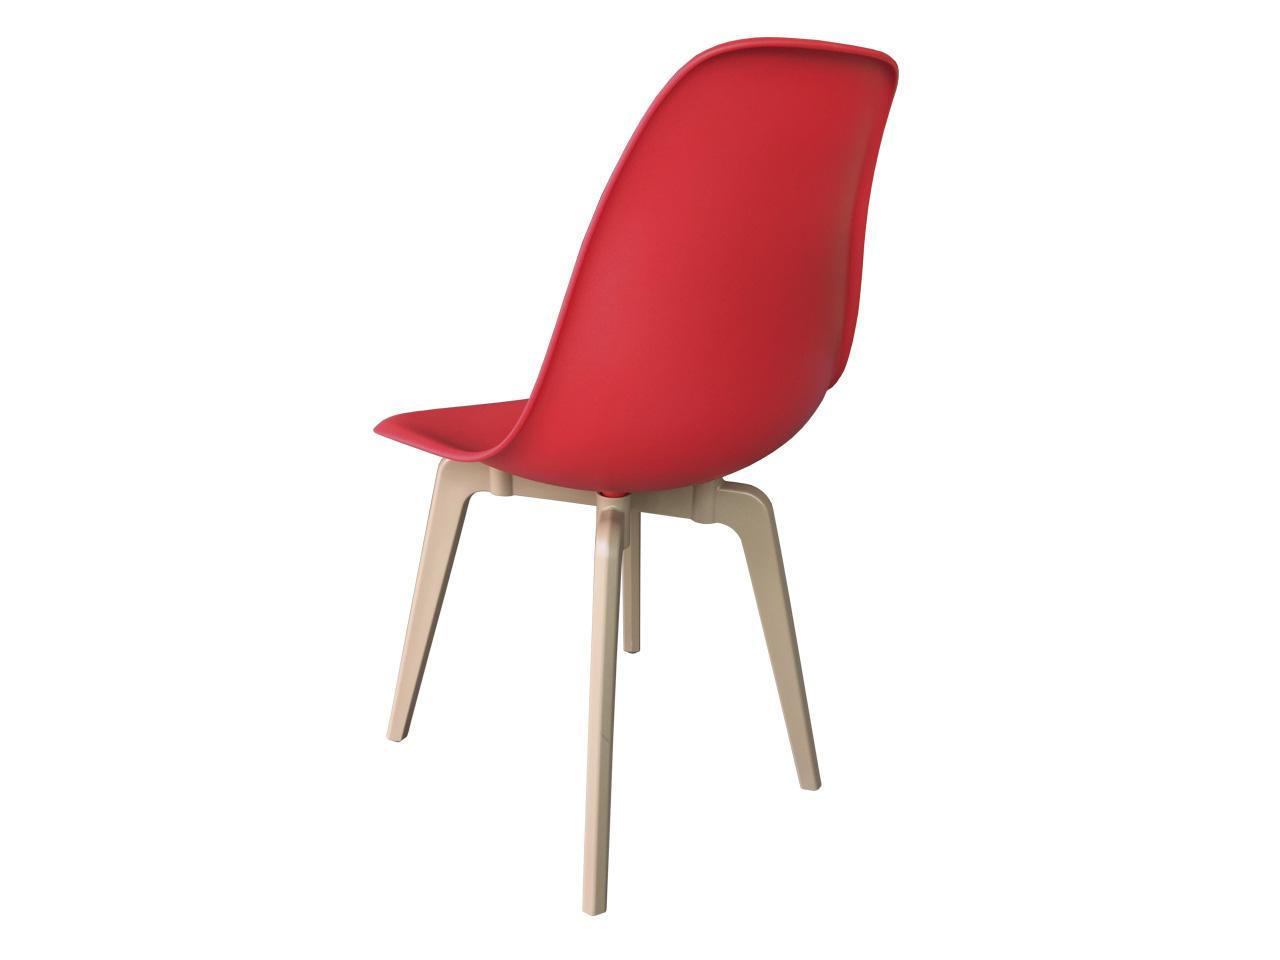 silla heron roja